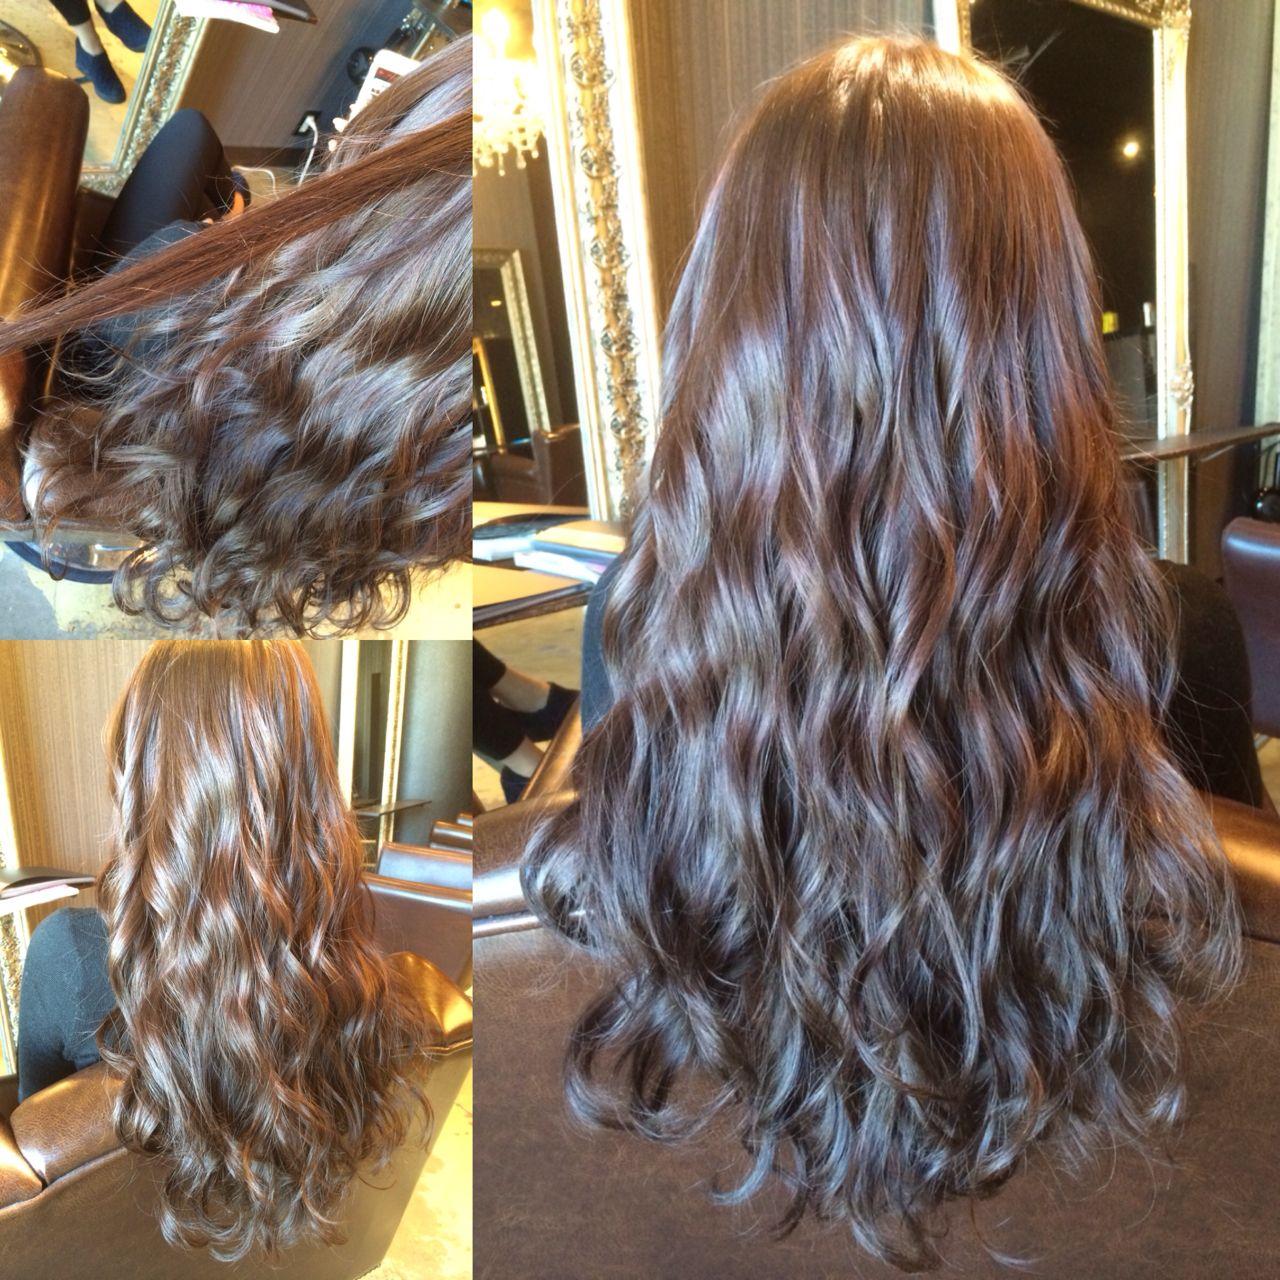 暗髪 ウェーブ ストリート モード ヘアスタイルや髪型の写真・画像